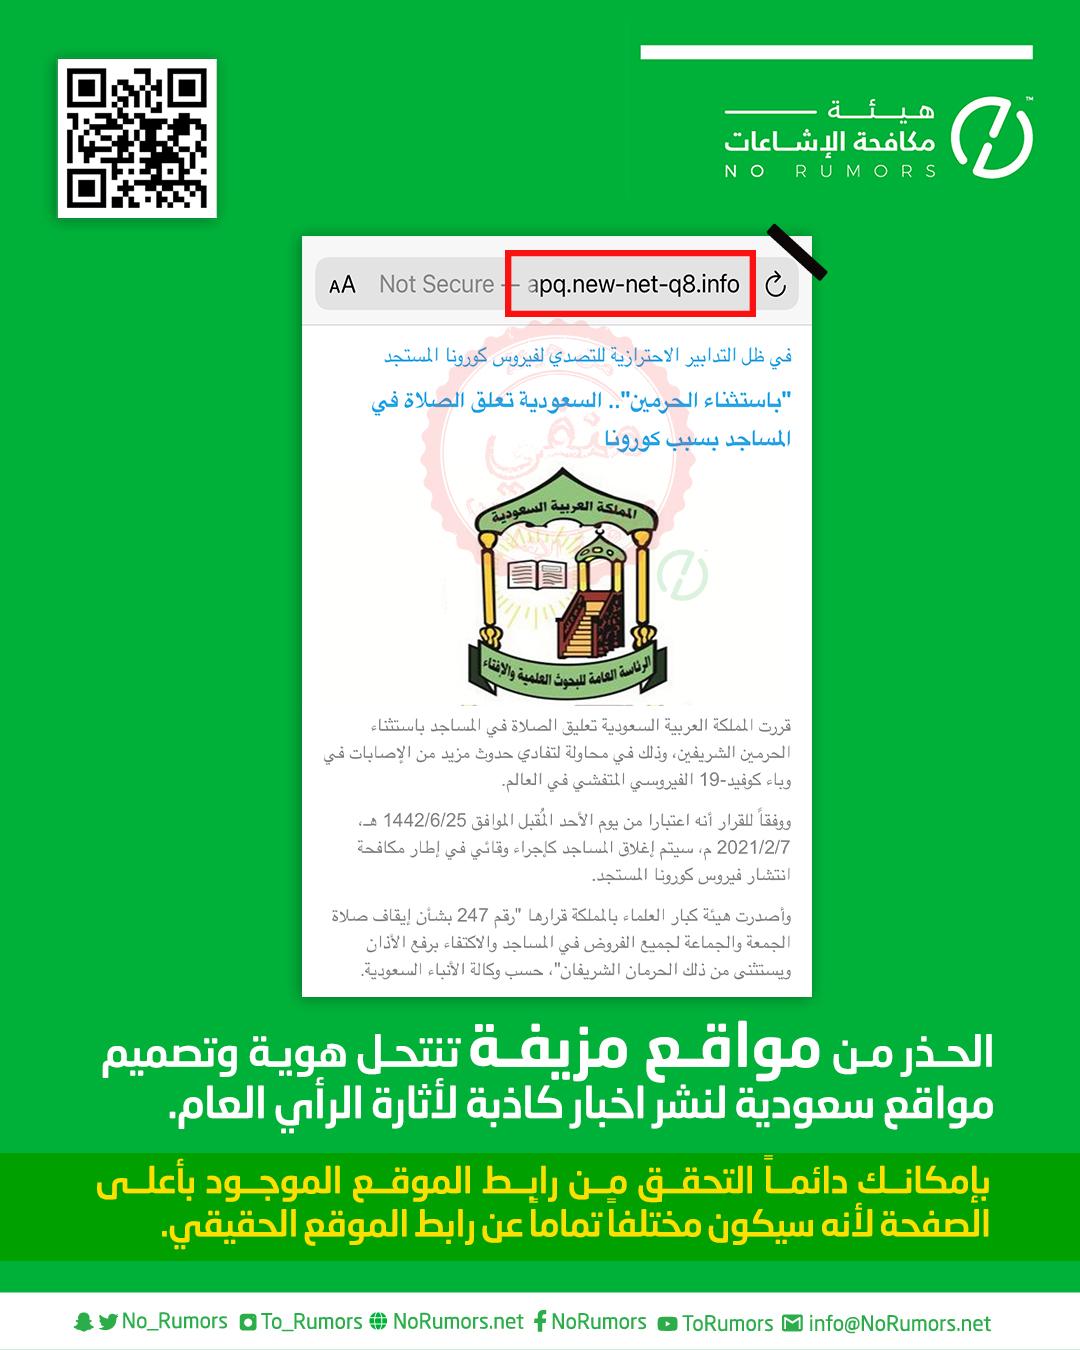 مواقع مزيفة تنتحل هوية وتصميم مواقع سعودية لنشر اخبار كاذبة لأثارة الرأي العام